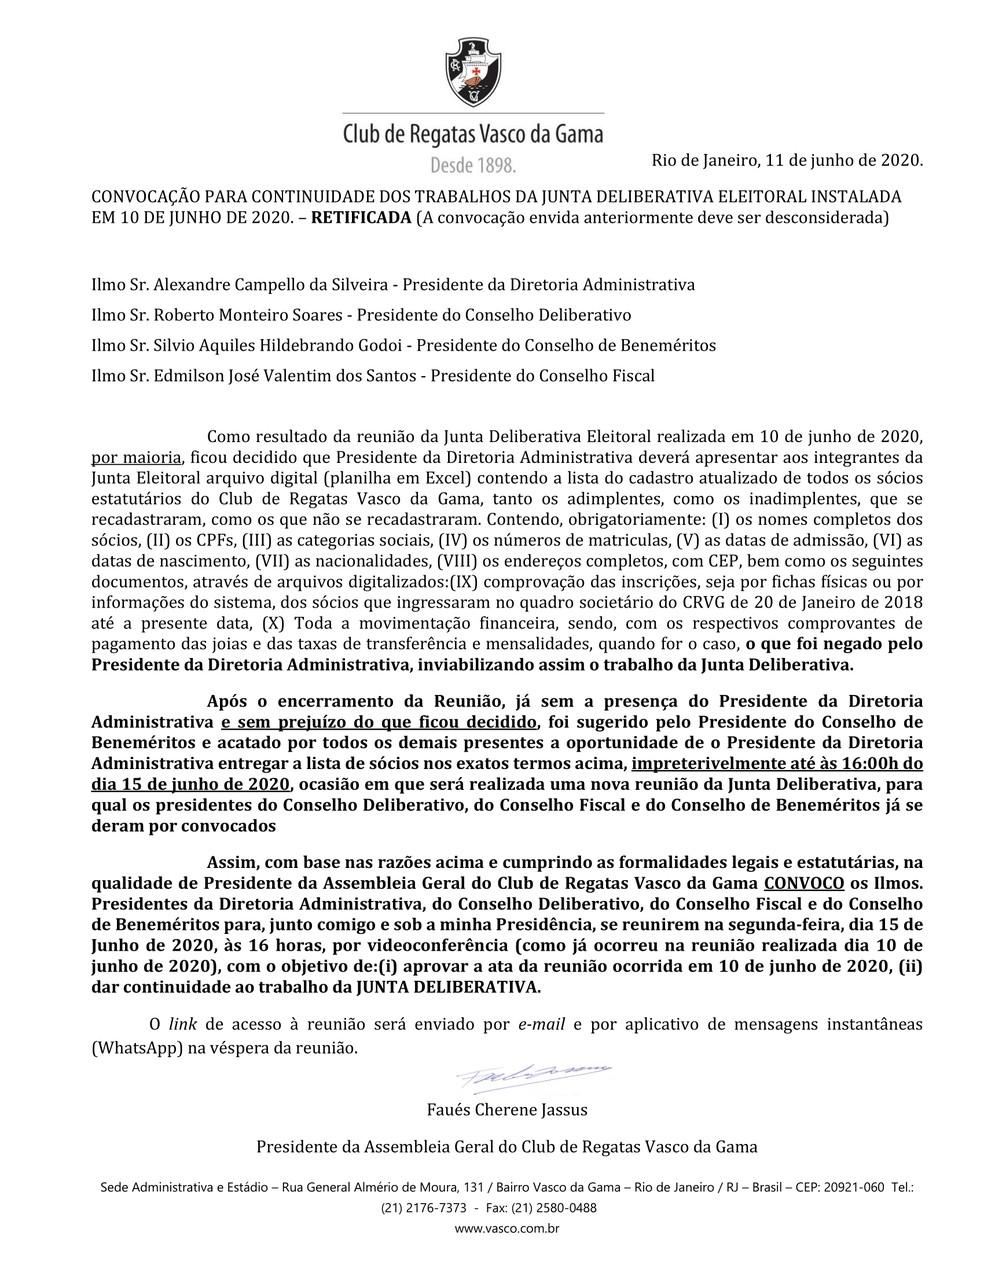 Faués Cherene Jassus, o Mussa, havia convocado reunião da Junta Deliberativa do Vasco para esta segunda-feira — Foto: Reprodução